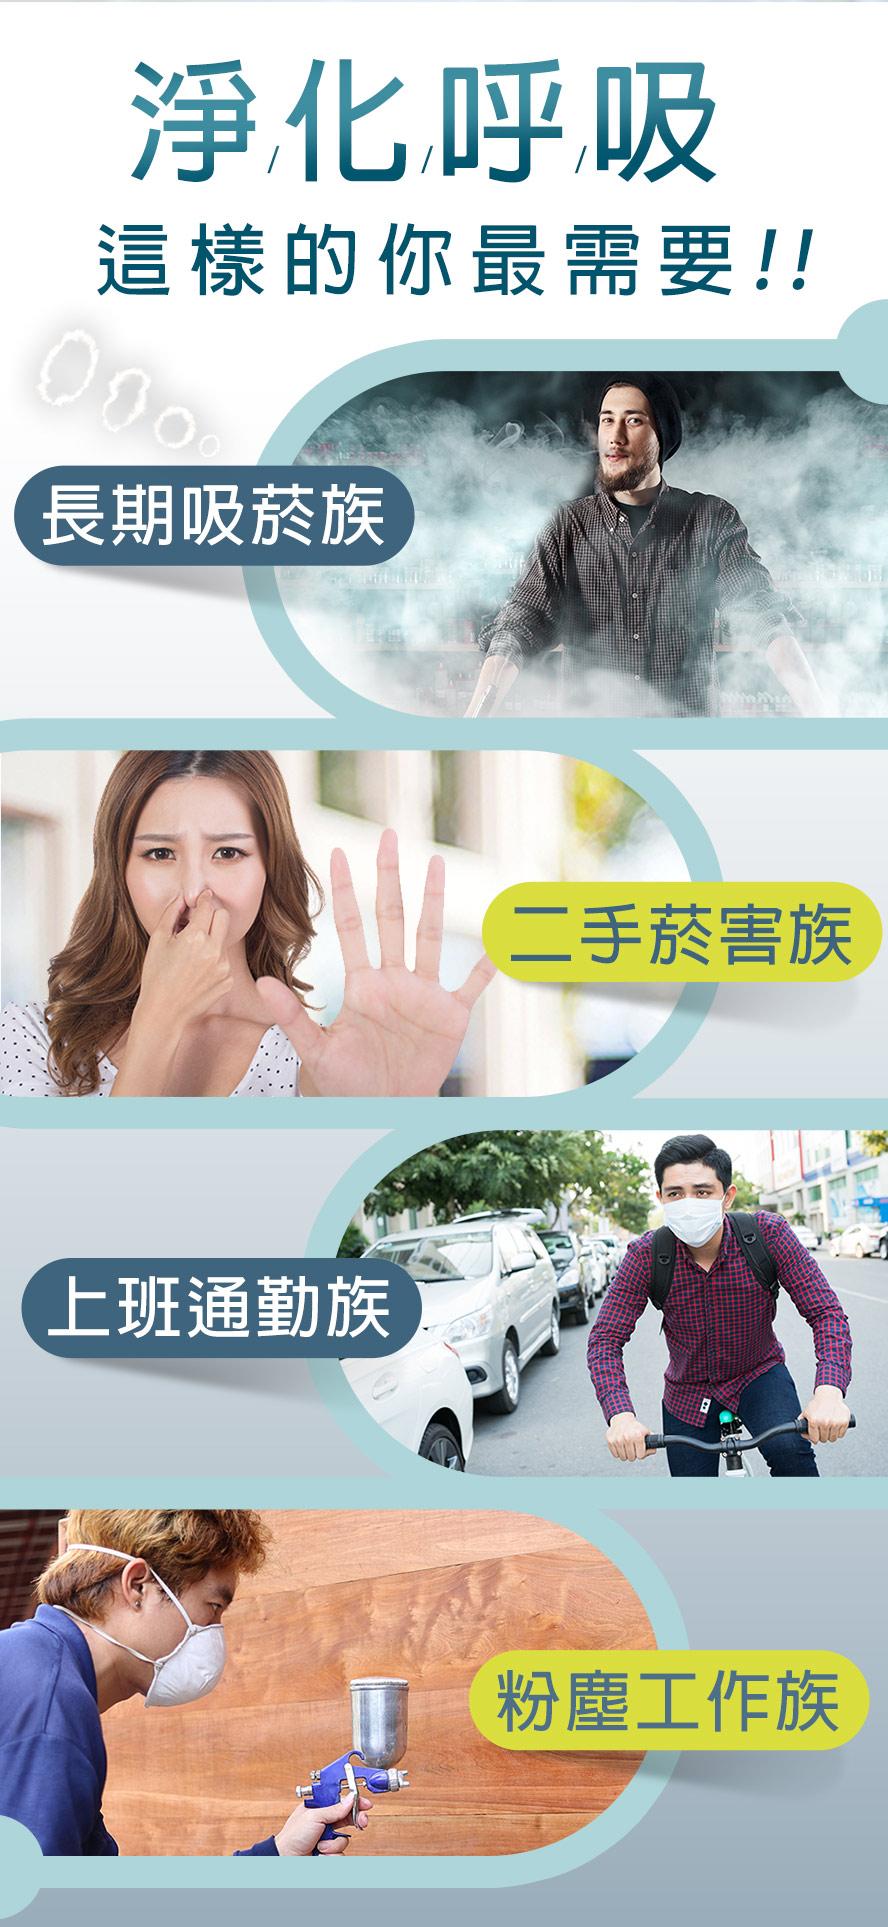 吸菸族及有2手菸問題,或是對呼吸道有需求者都可食用療肺草膠囊